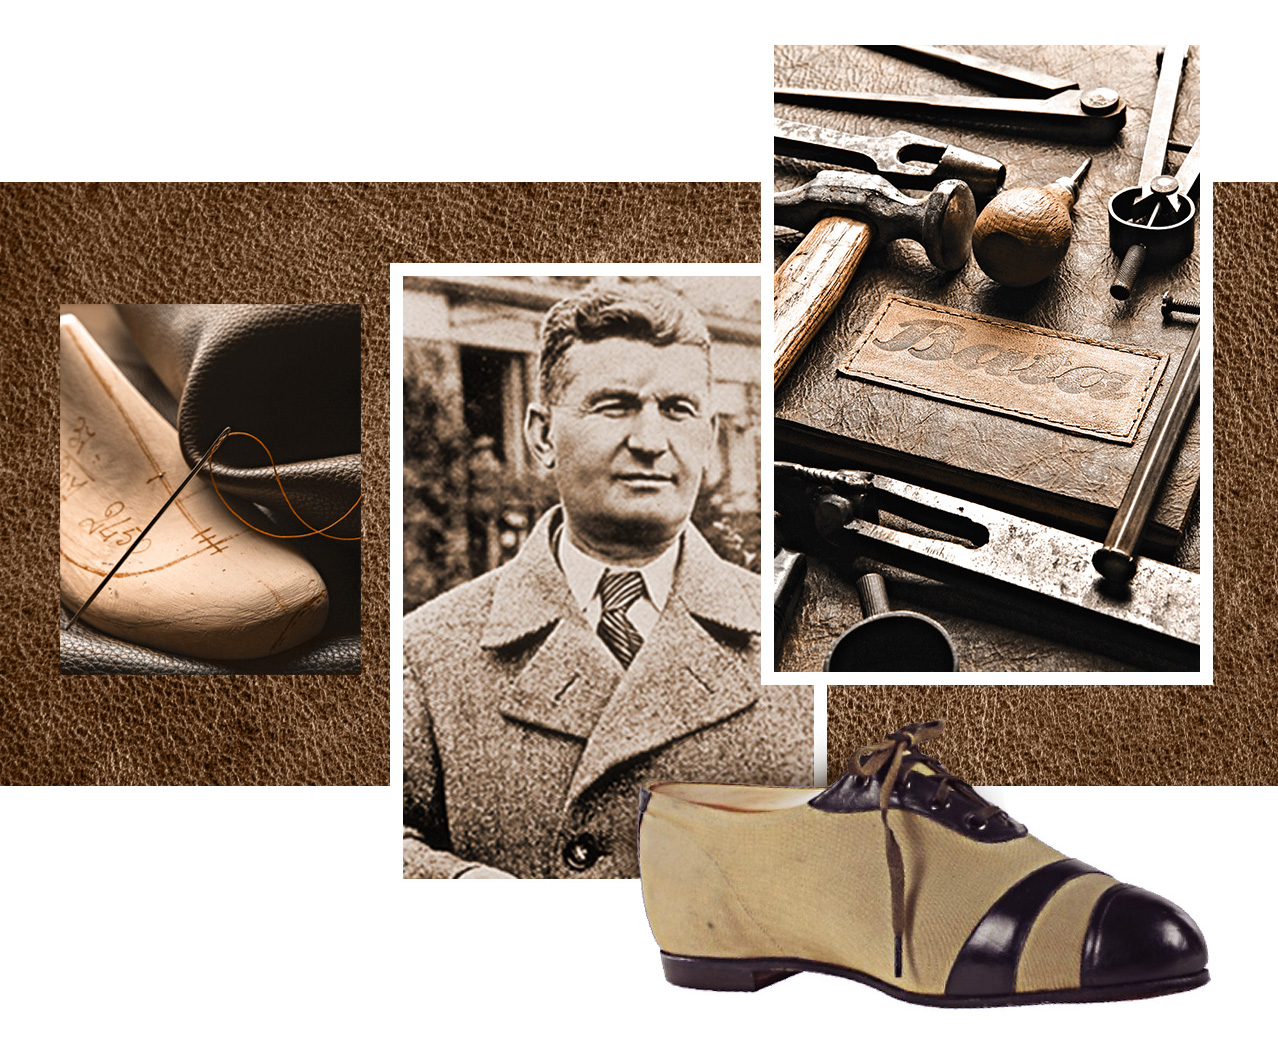 Baťovka - bota, kterou vše začalo